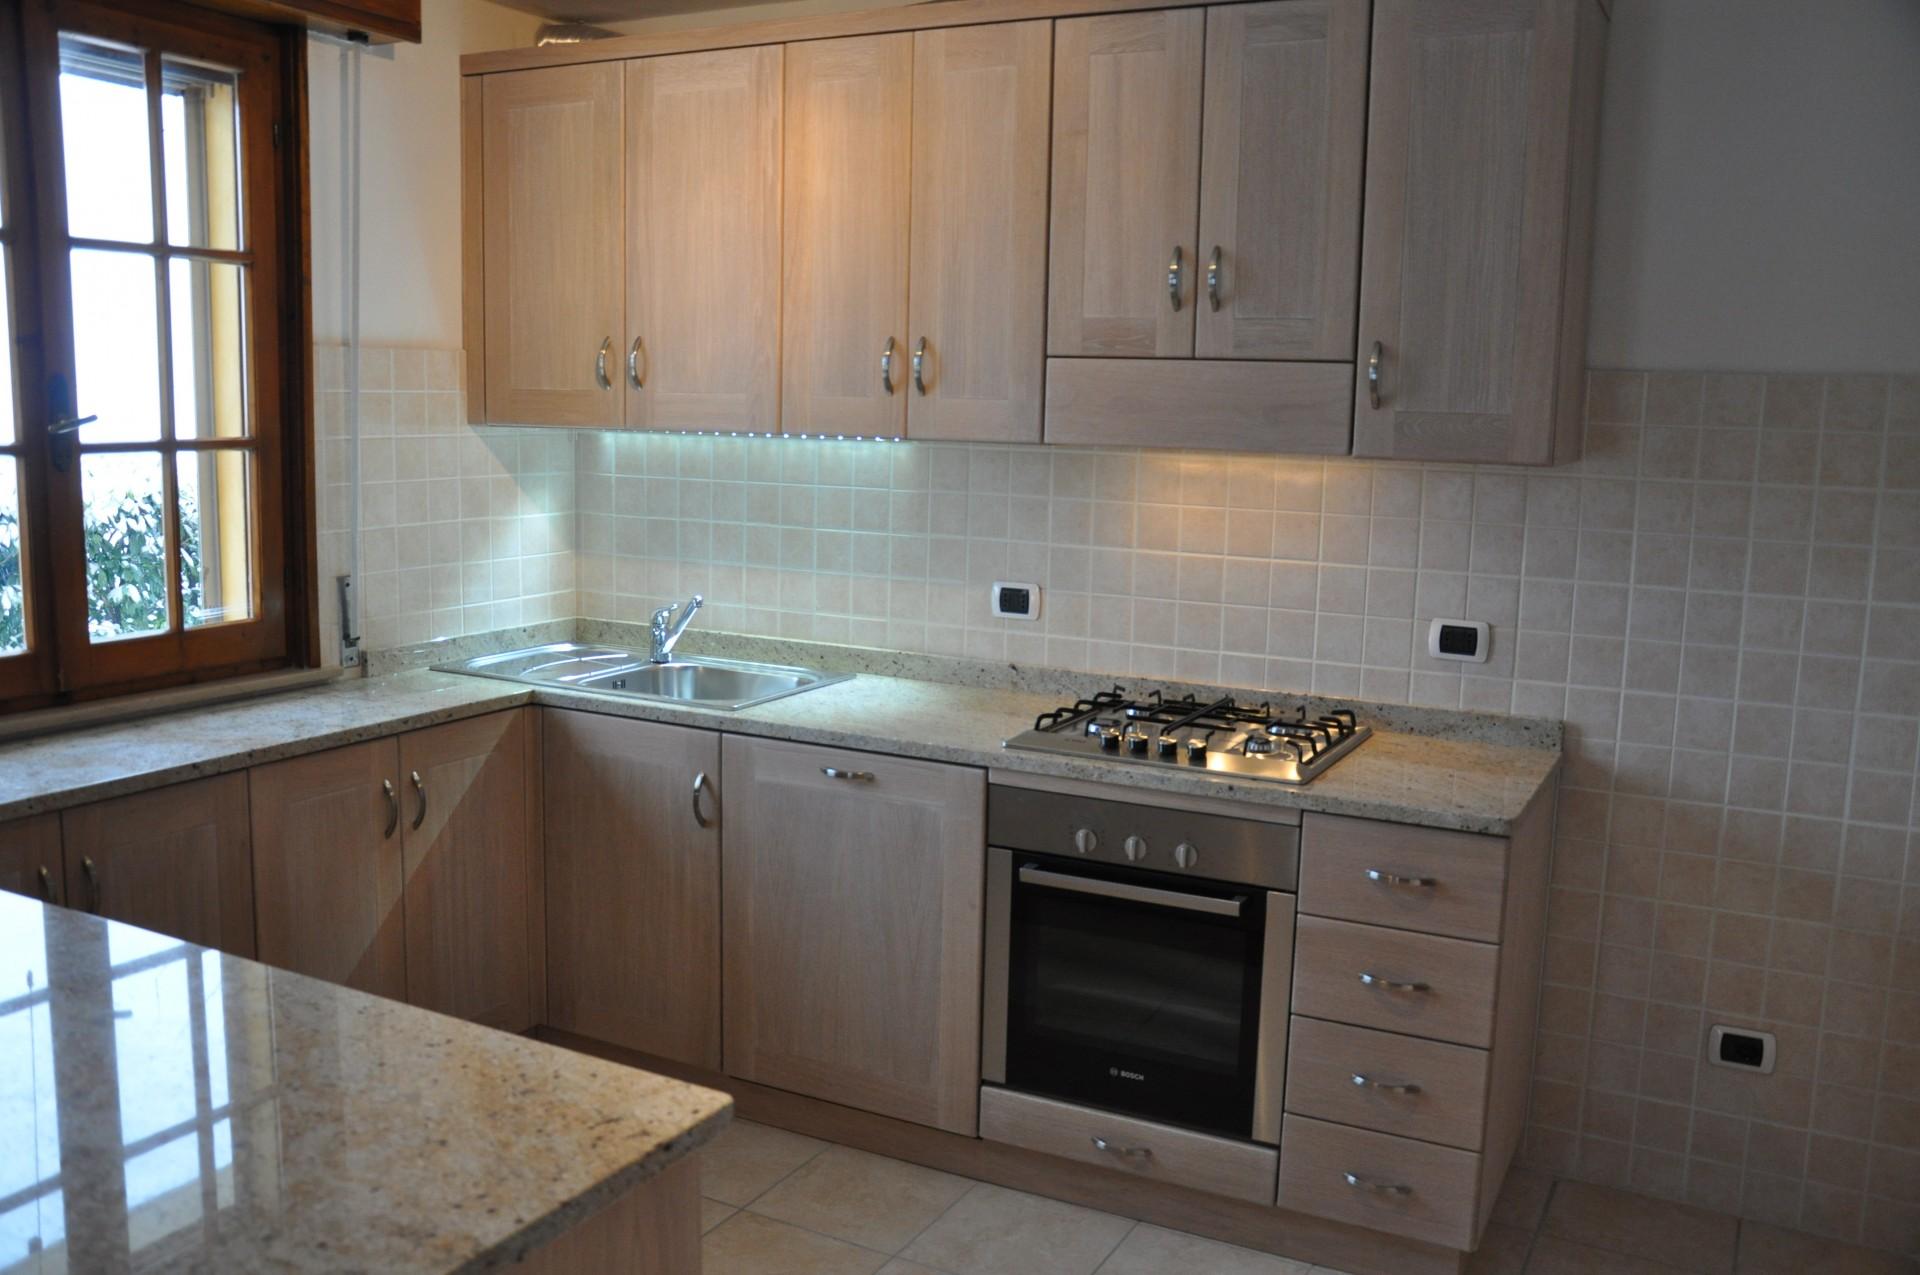 Cucine Moderne Classiche In Muratura Arredamento Cucine Componibili  #467E85 1920 1275 Arredamento Cucine Moderne E Classiche